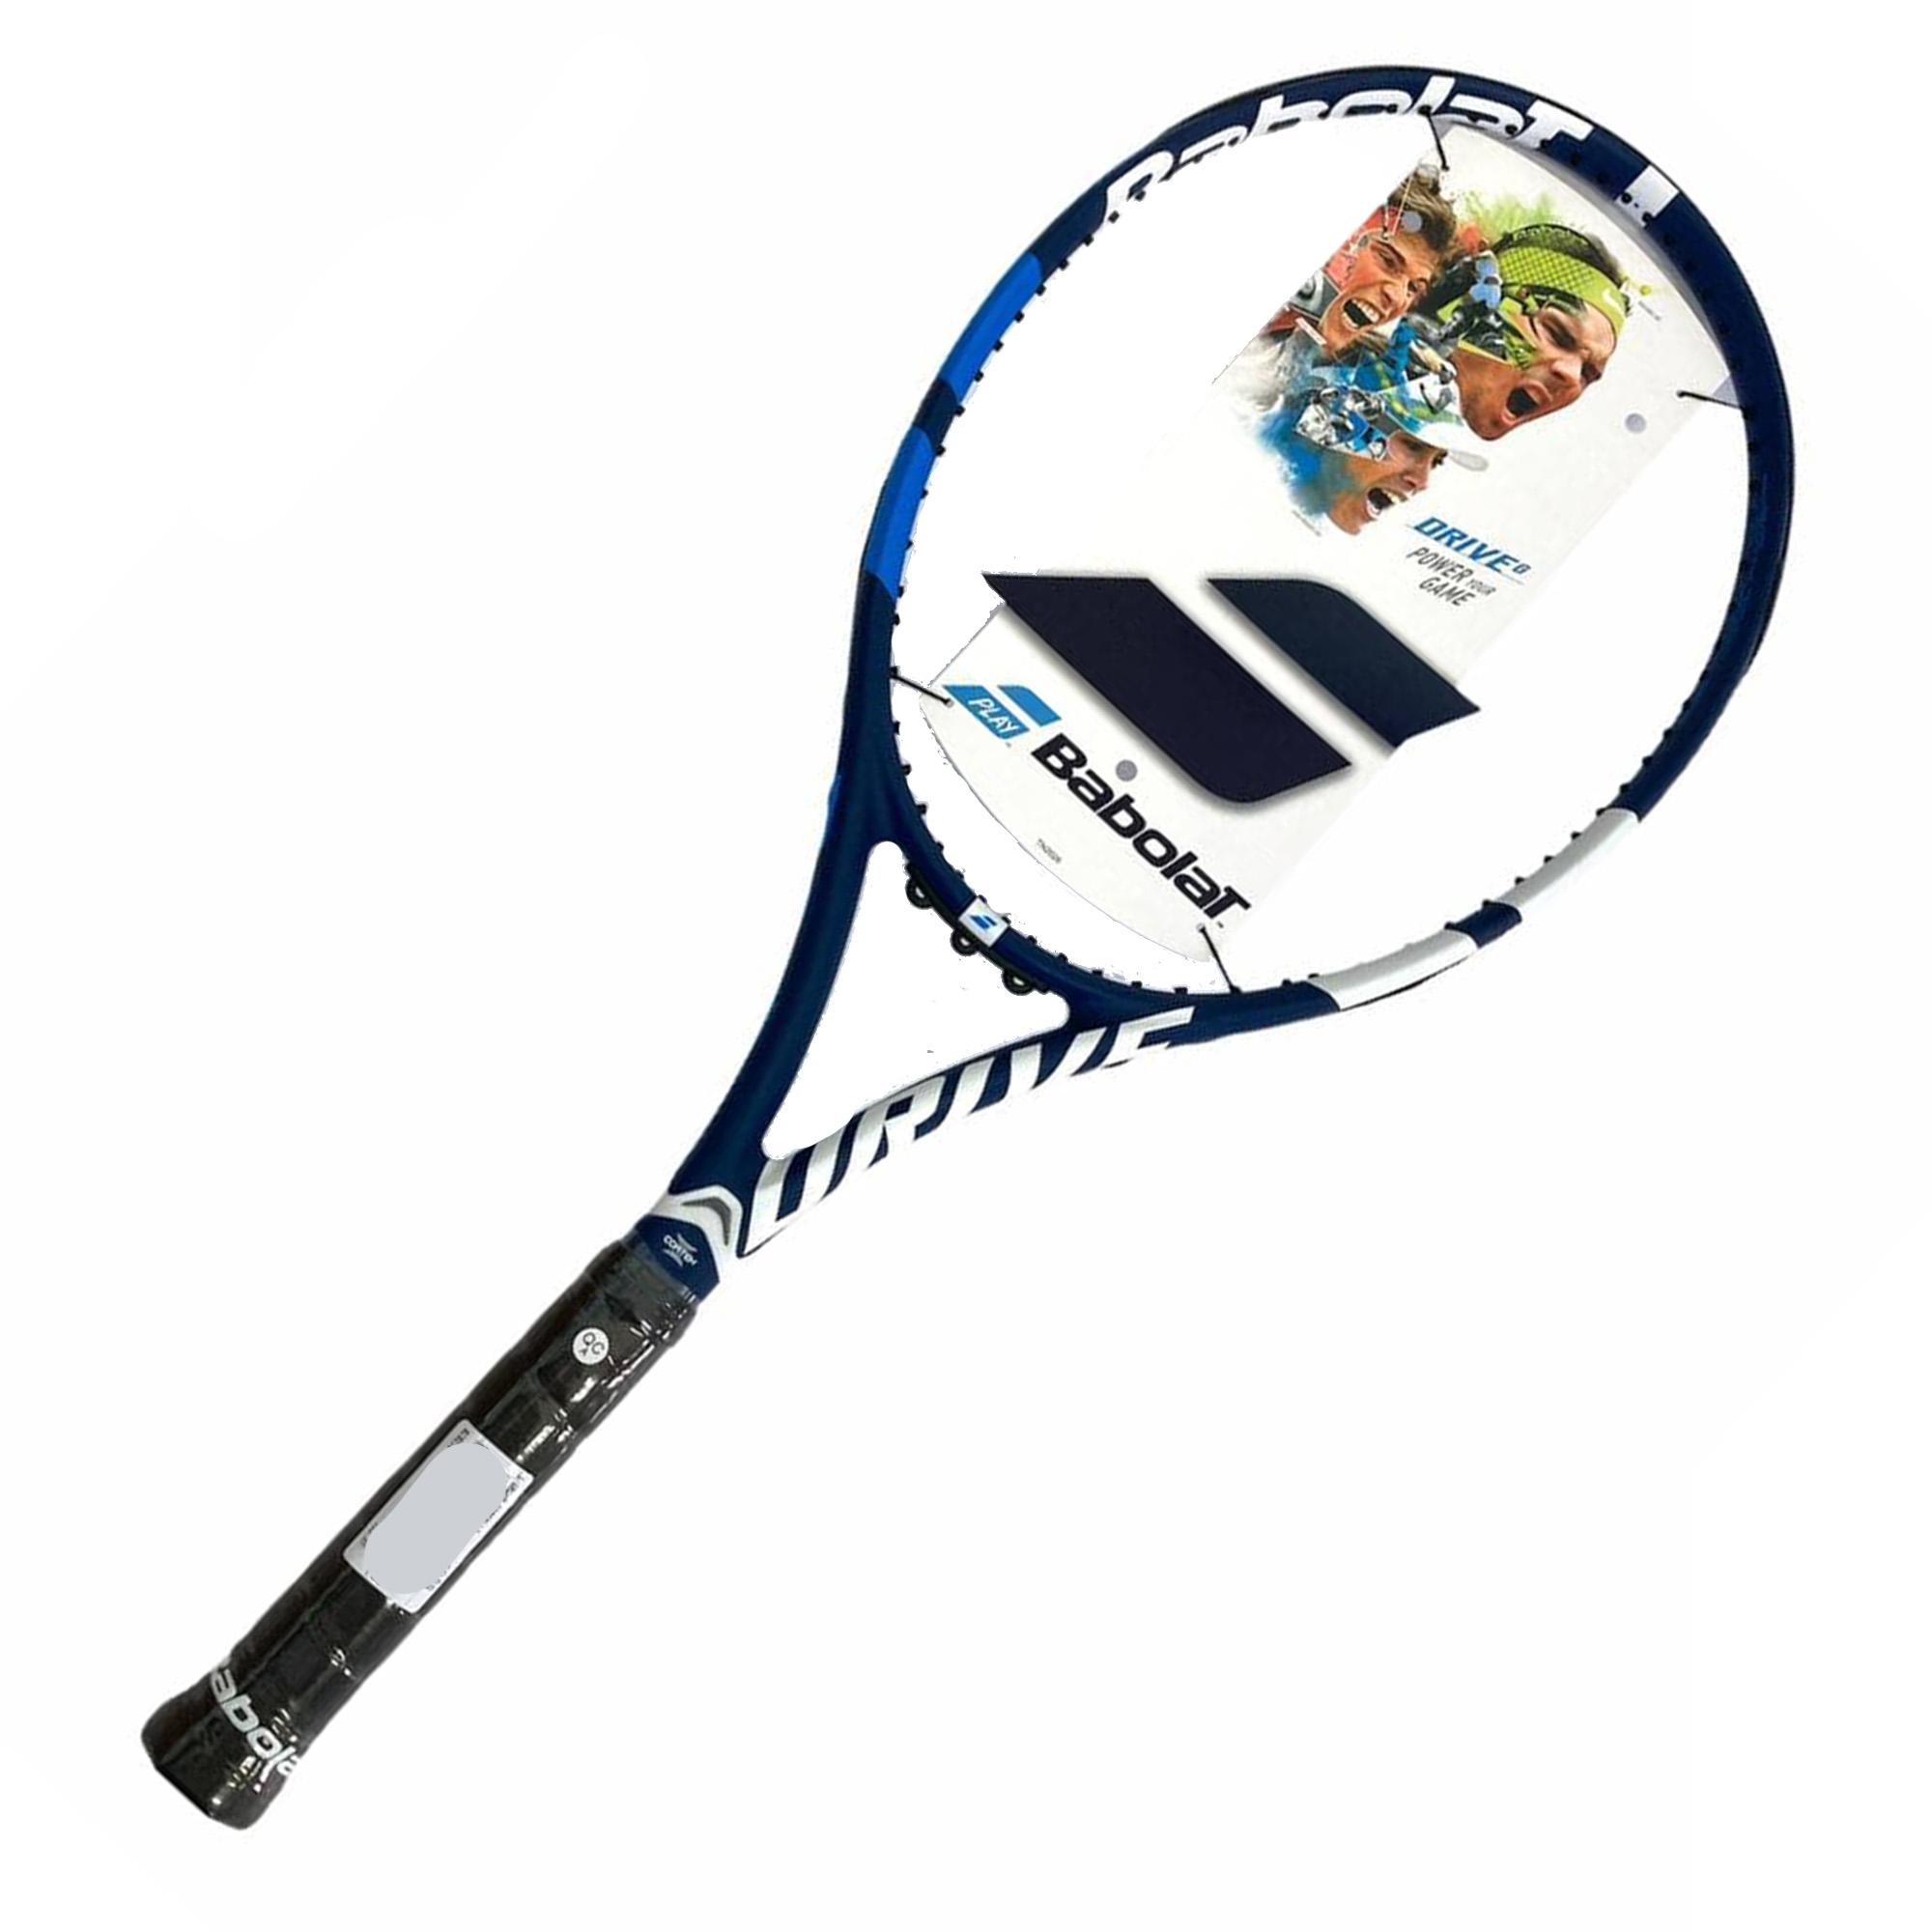 Raquete de Tênis Babolat Drive G